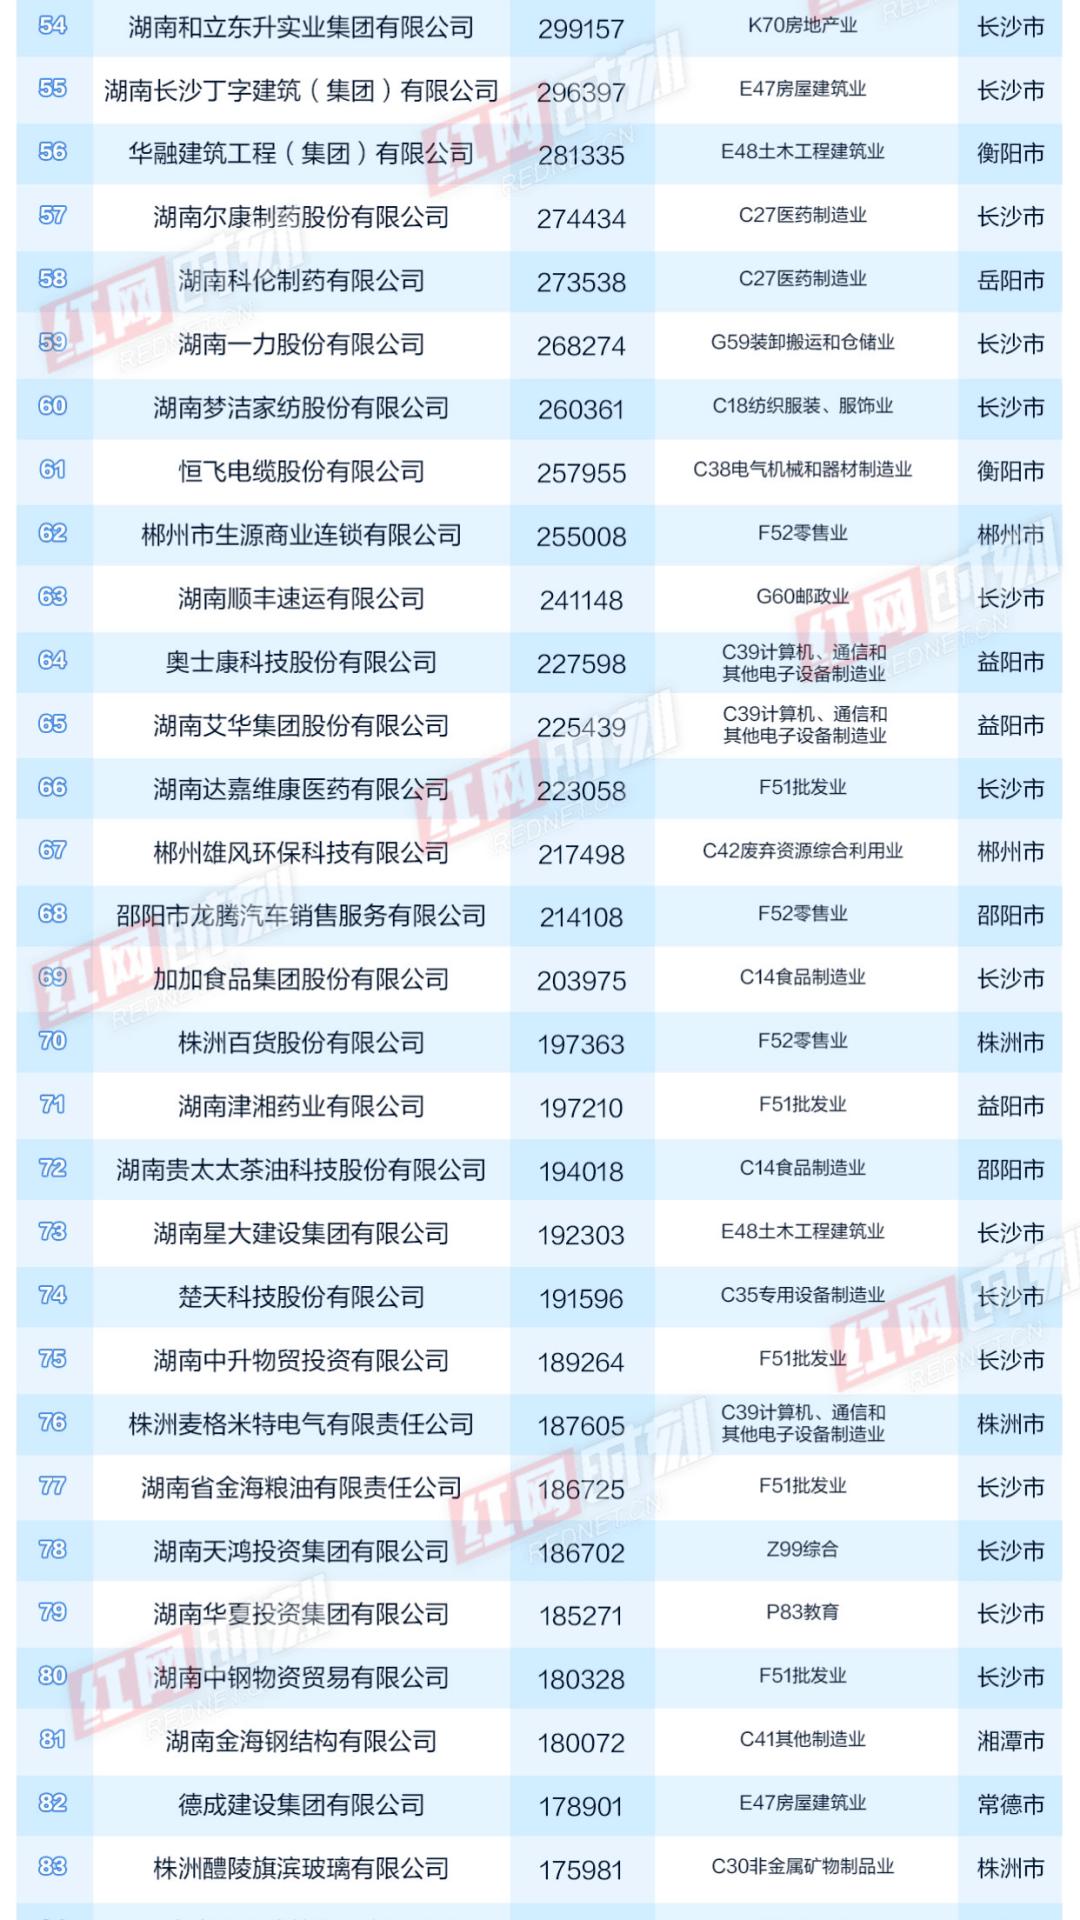 2020湖南省湘潭市gdp_2020年湖南省GDP20强县 不包括县级市 数据一览表